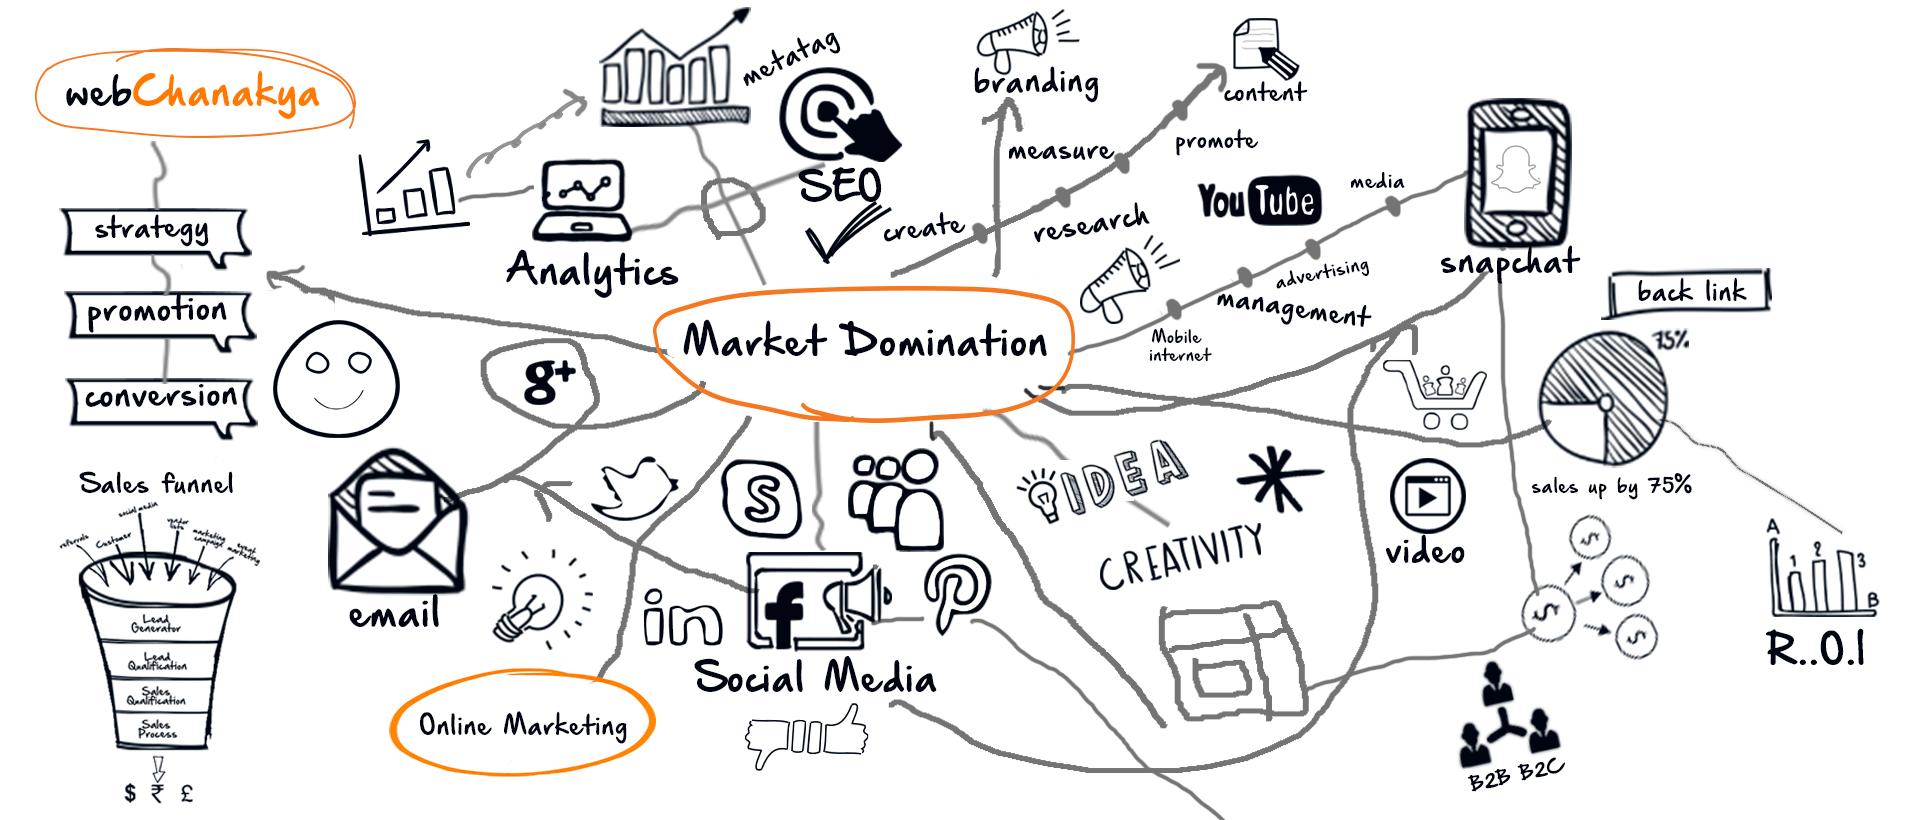 Market Domination